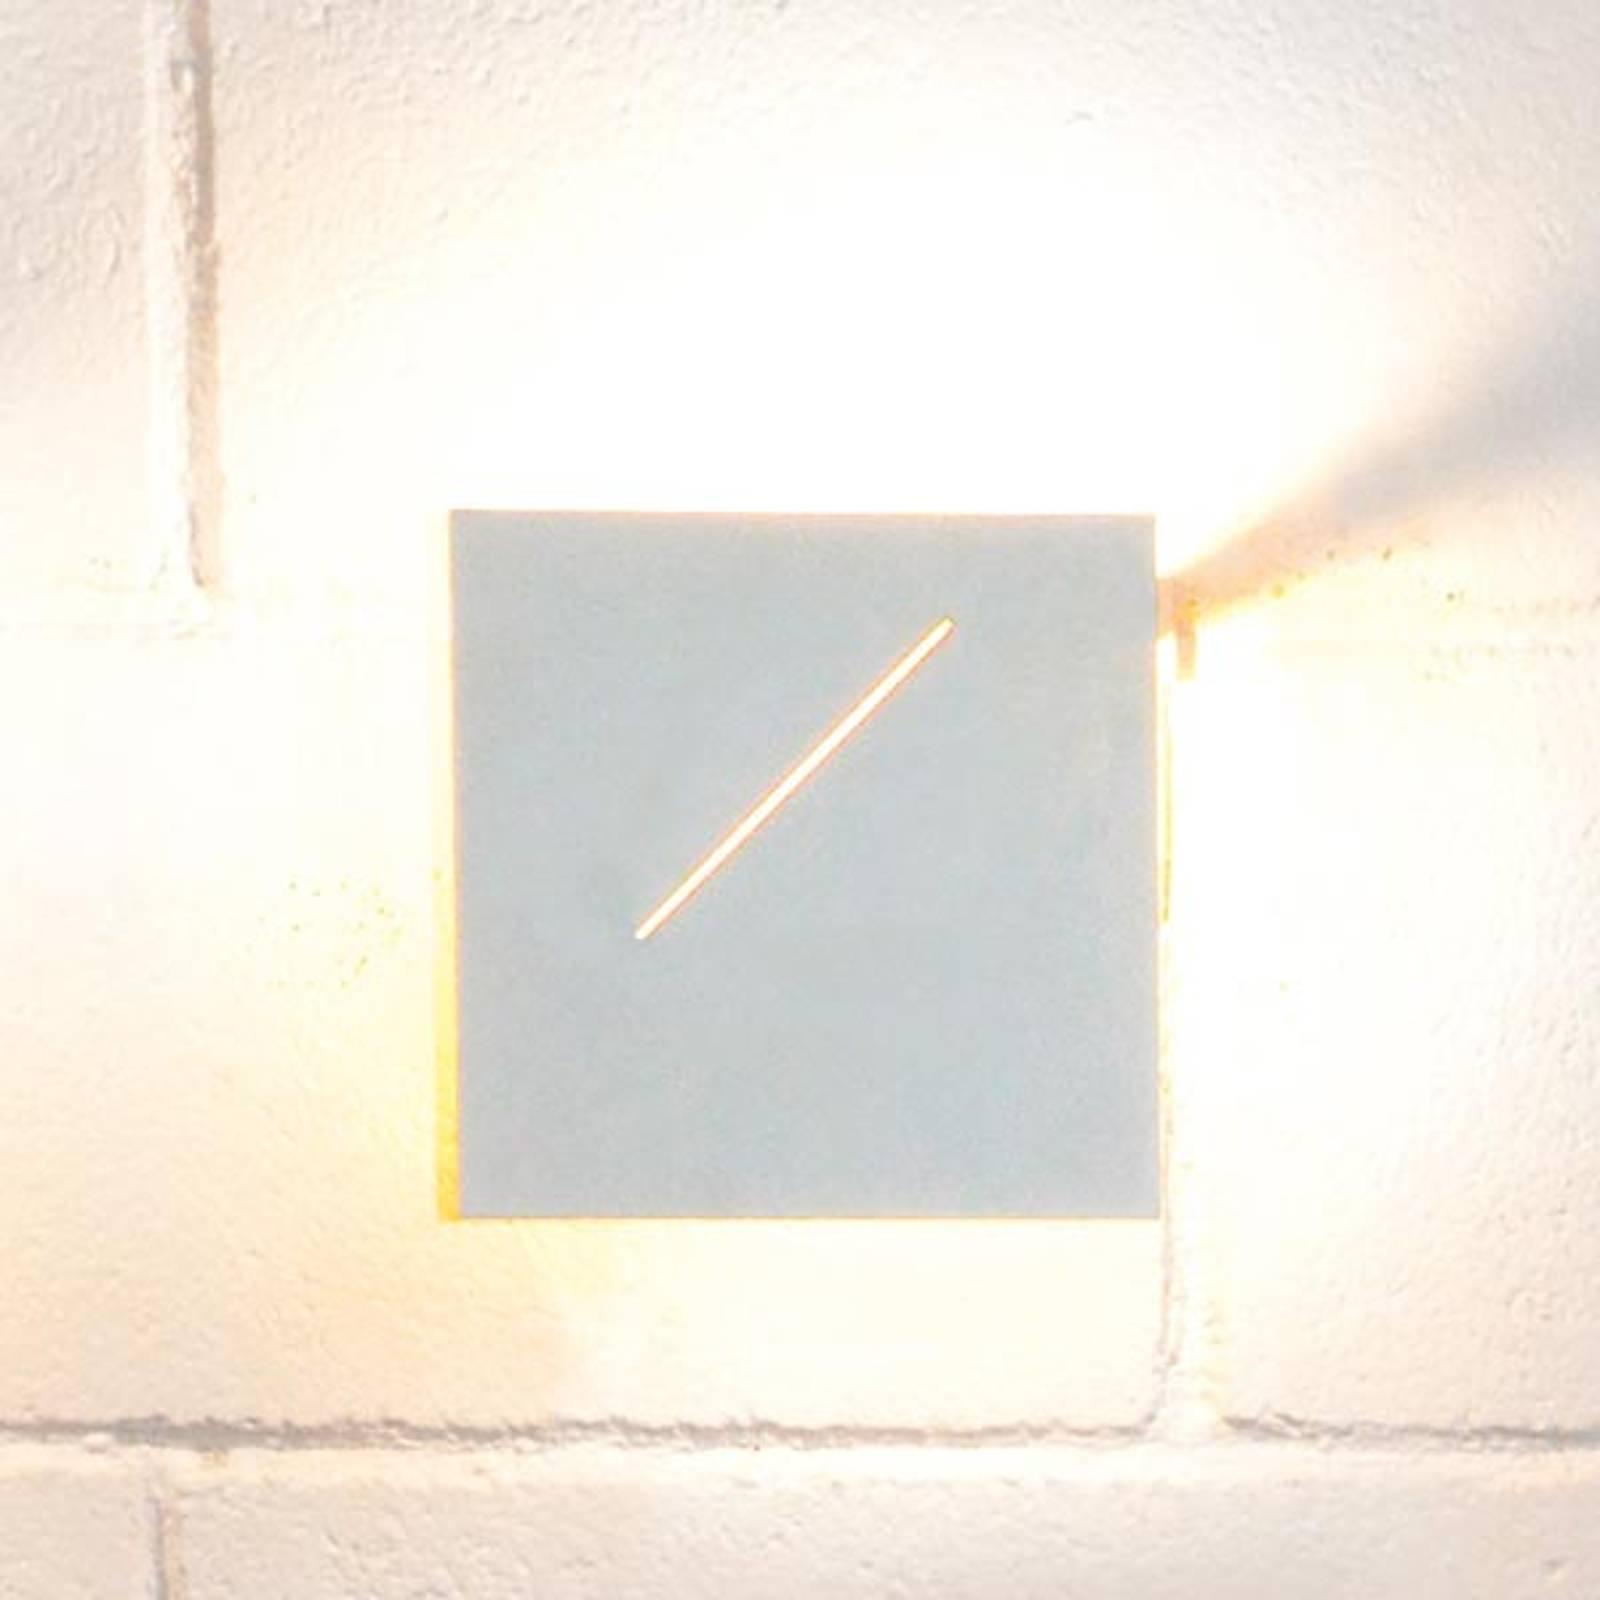 Design wandlamp Des.agn met leds, wit